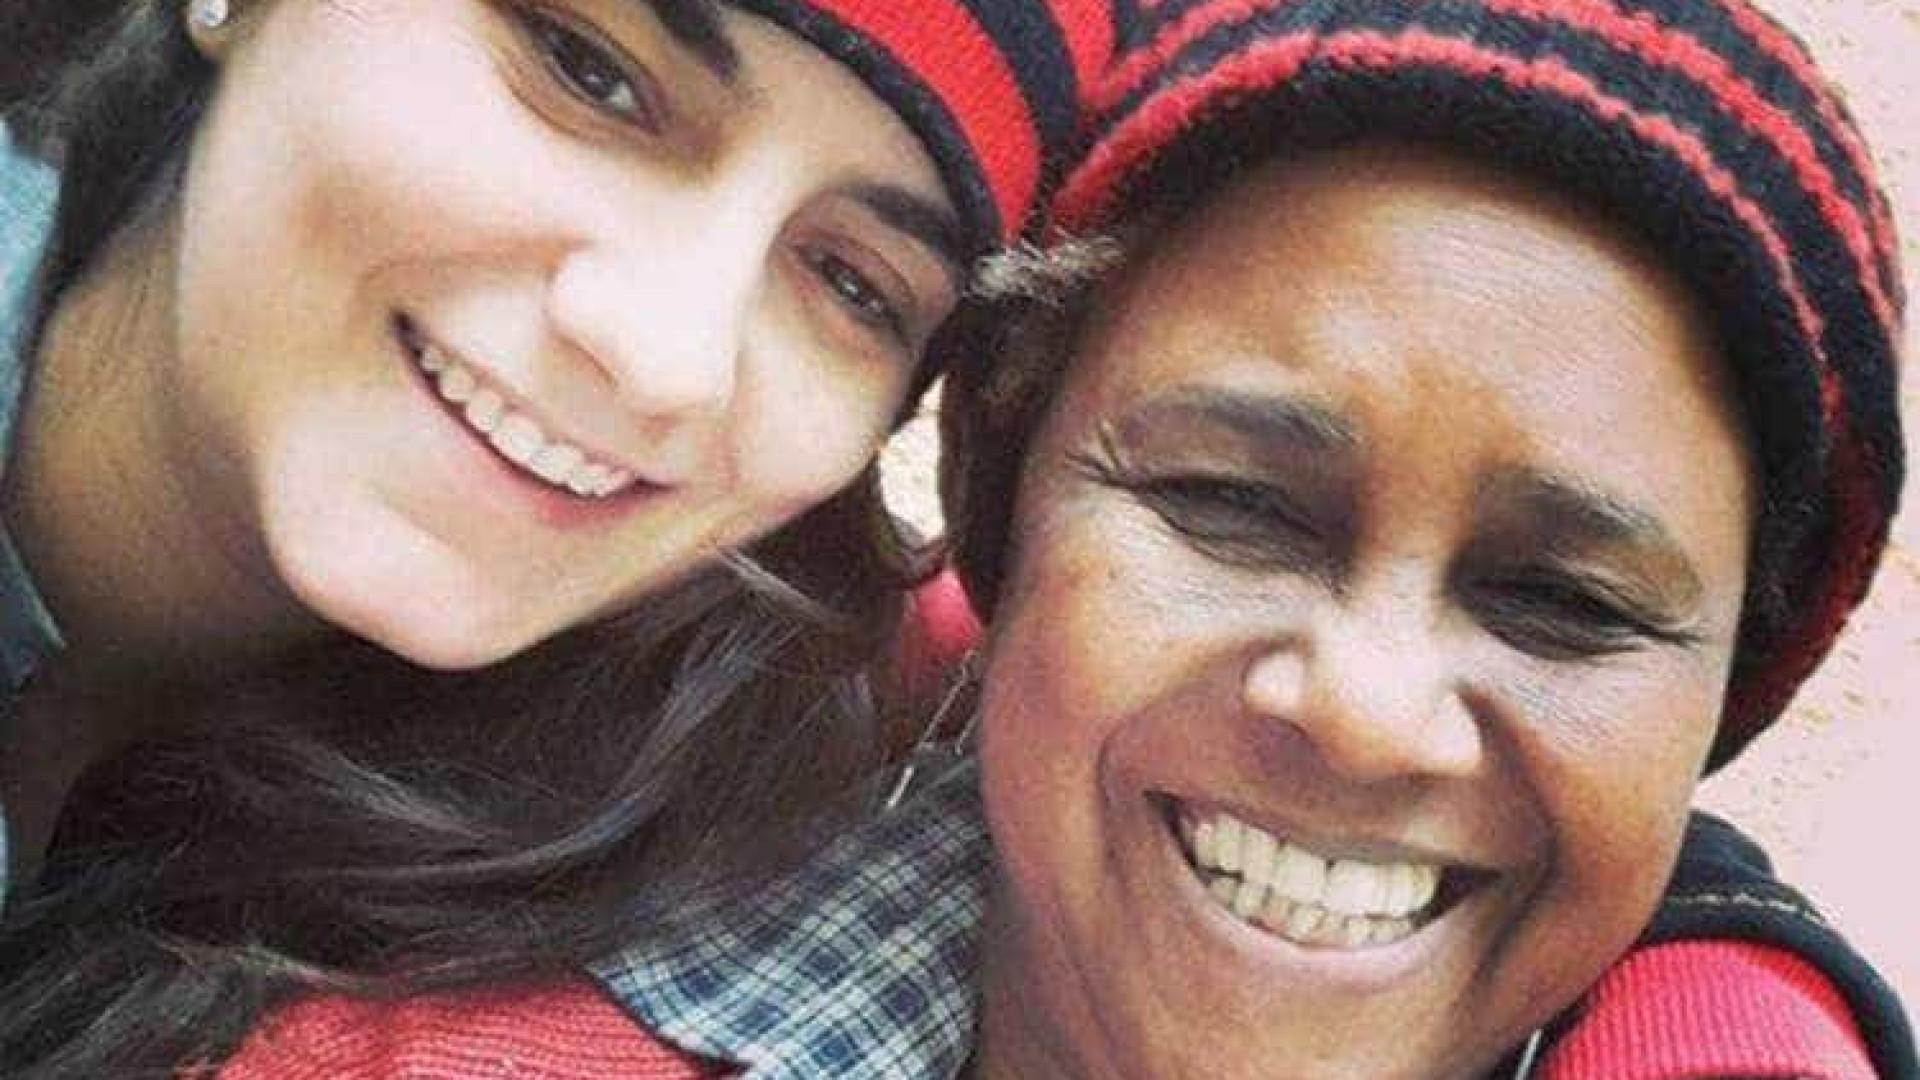 Sandra de Sá e a mulher 29 anos mais nova fazem tatuagens iguais